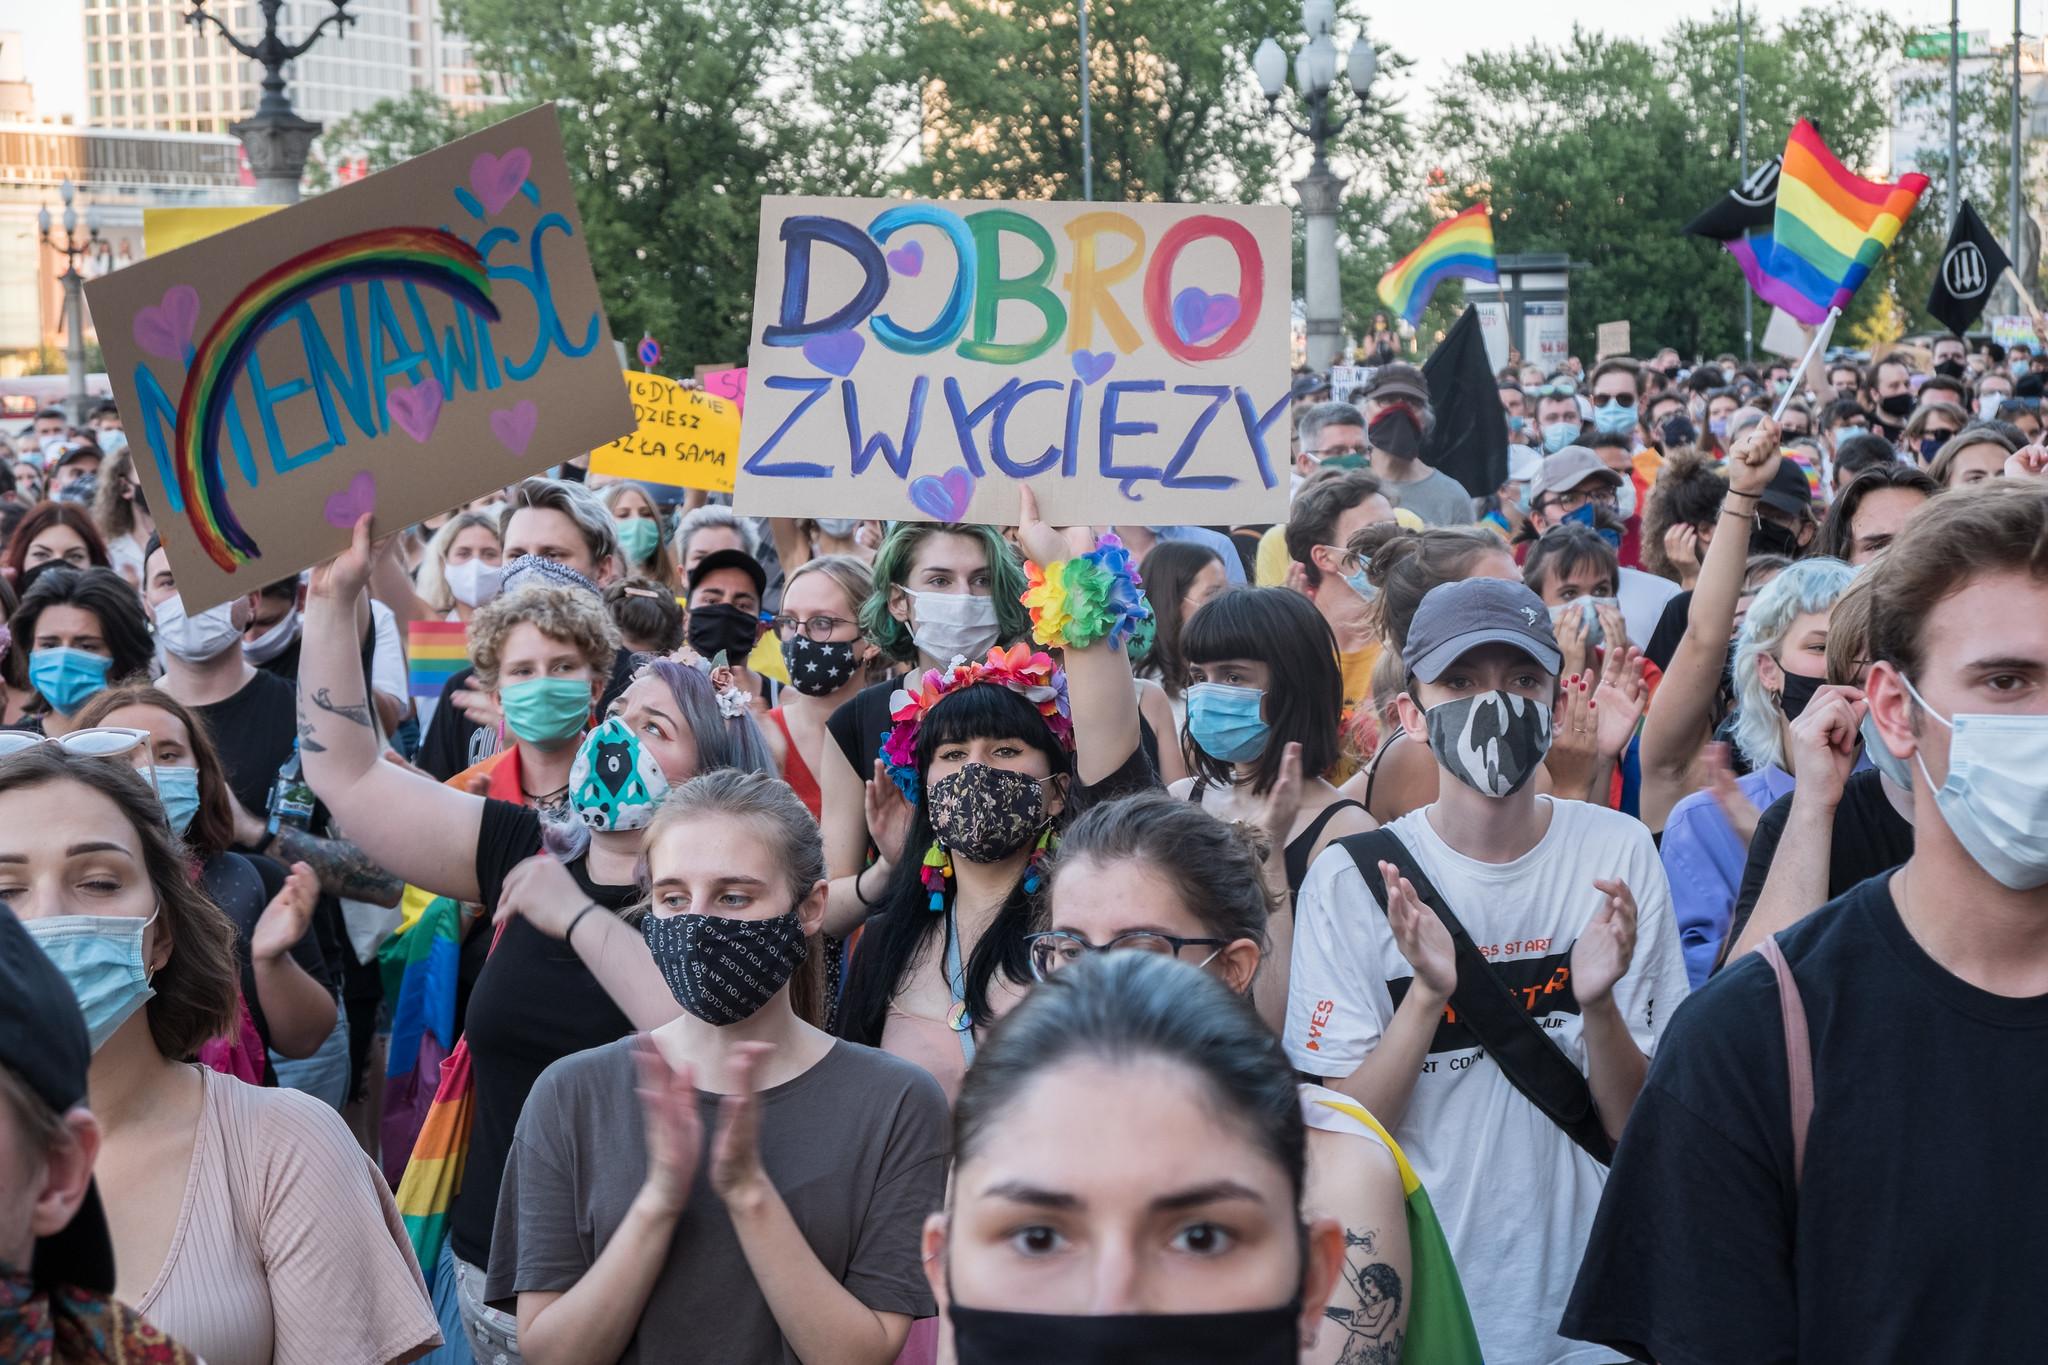 """© Grzegorz Żukowski / Manifestantes seguram um cartaz que diz """"ódio"""" (esquerda), """"o bem irá prevalecer"""" (direita), durante um protesto solidário para com os manifestantes LGBT+ detidos e contra a homofobia em Varsóvia, depois dos acontecimentos em Varsóvia do dia anterior, em que a polícia prendeu a ativista LGBT+ Margot e deteve mais umas dezenas de pessoas. 8 de agosto de 2020, Varsóvia"""